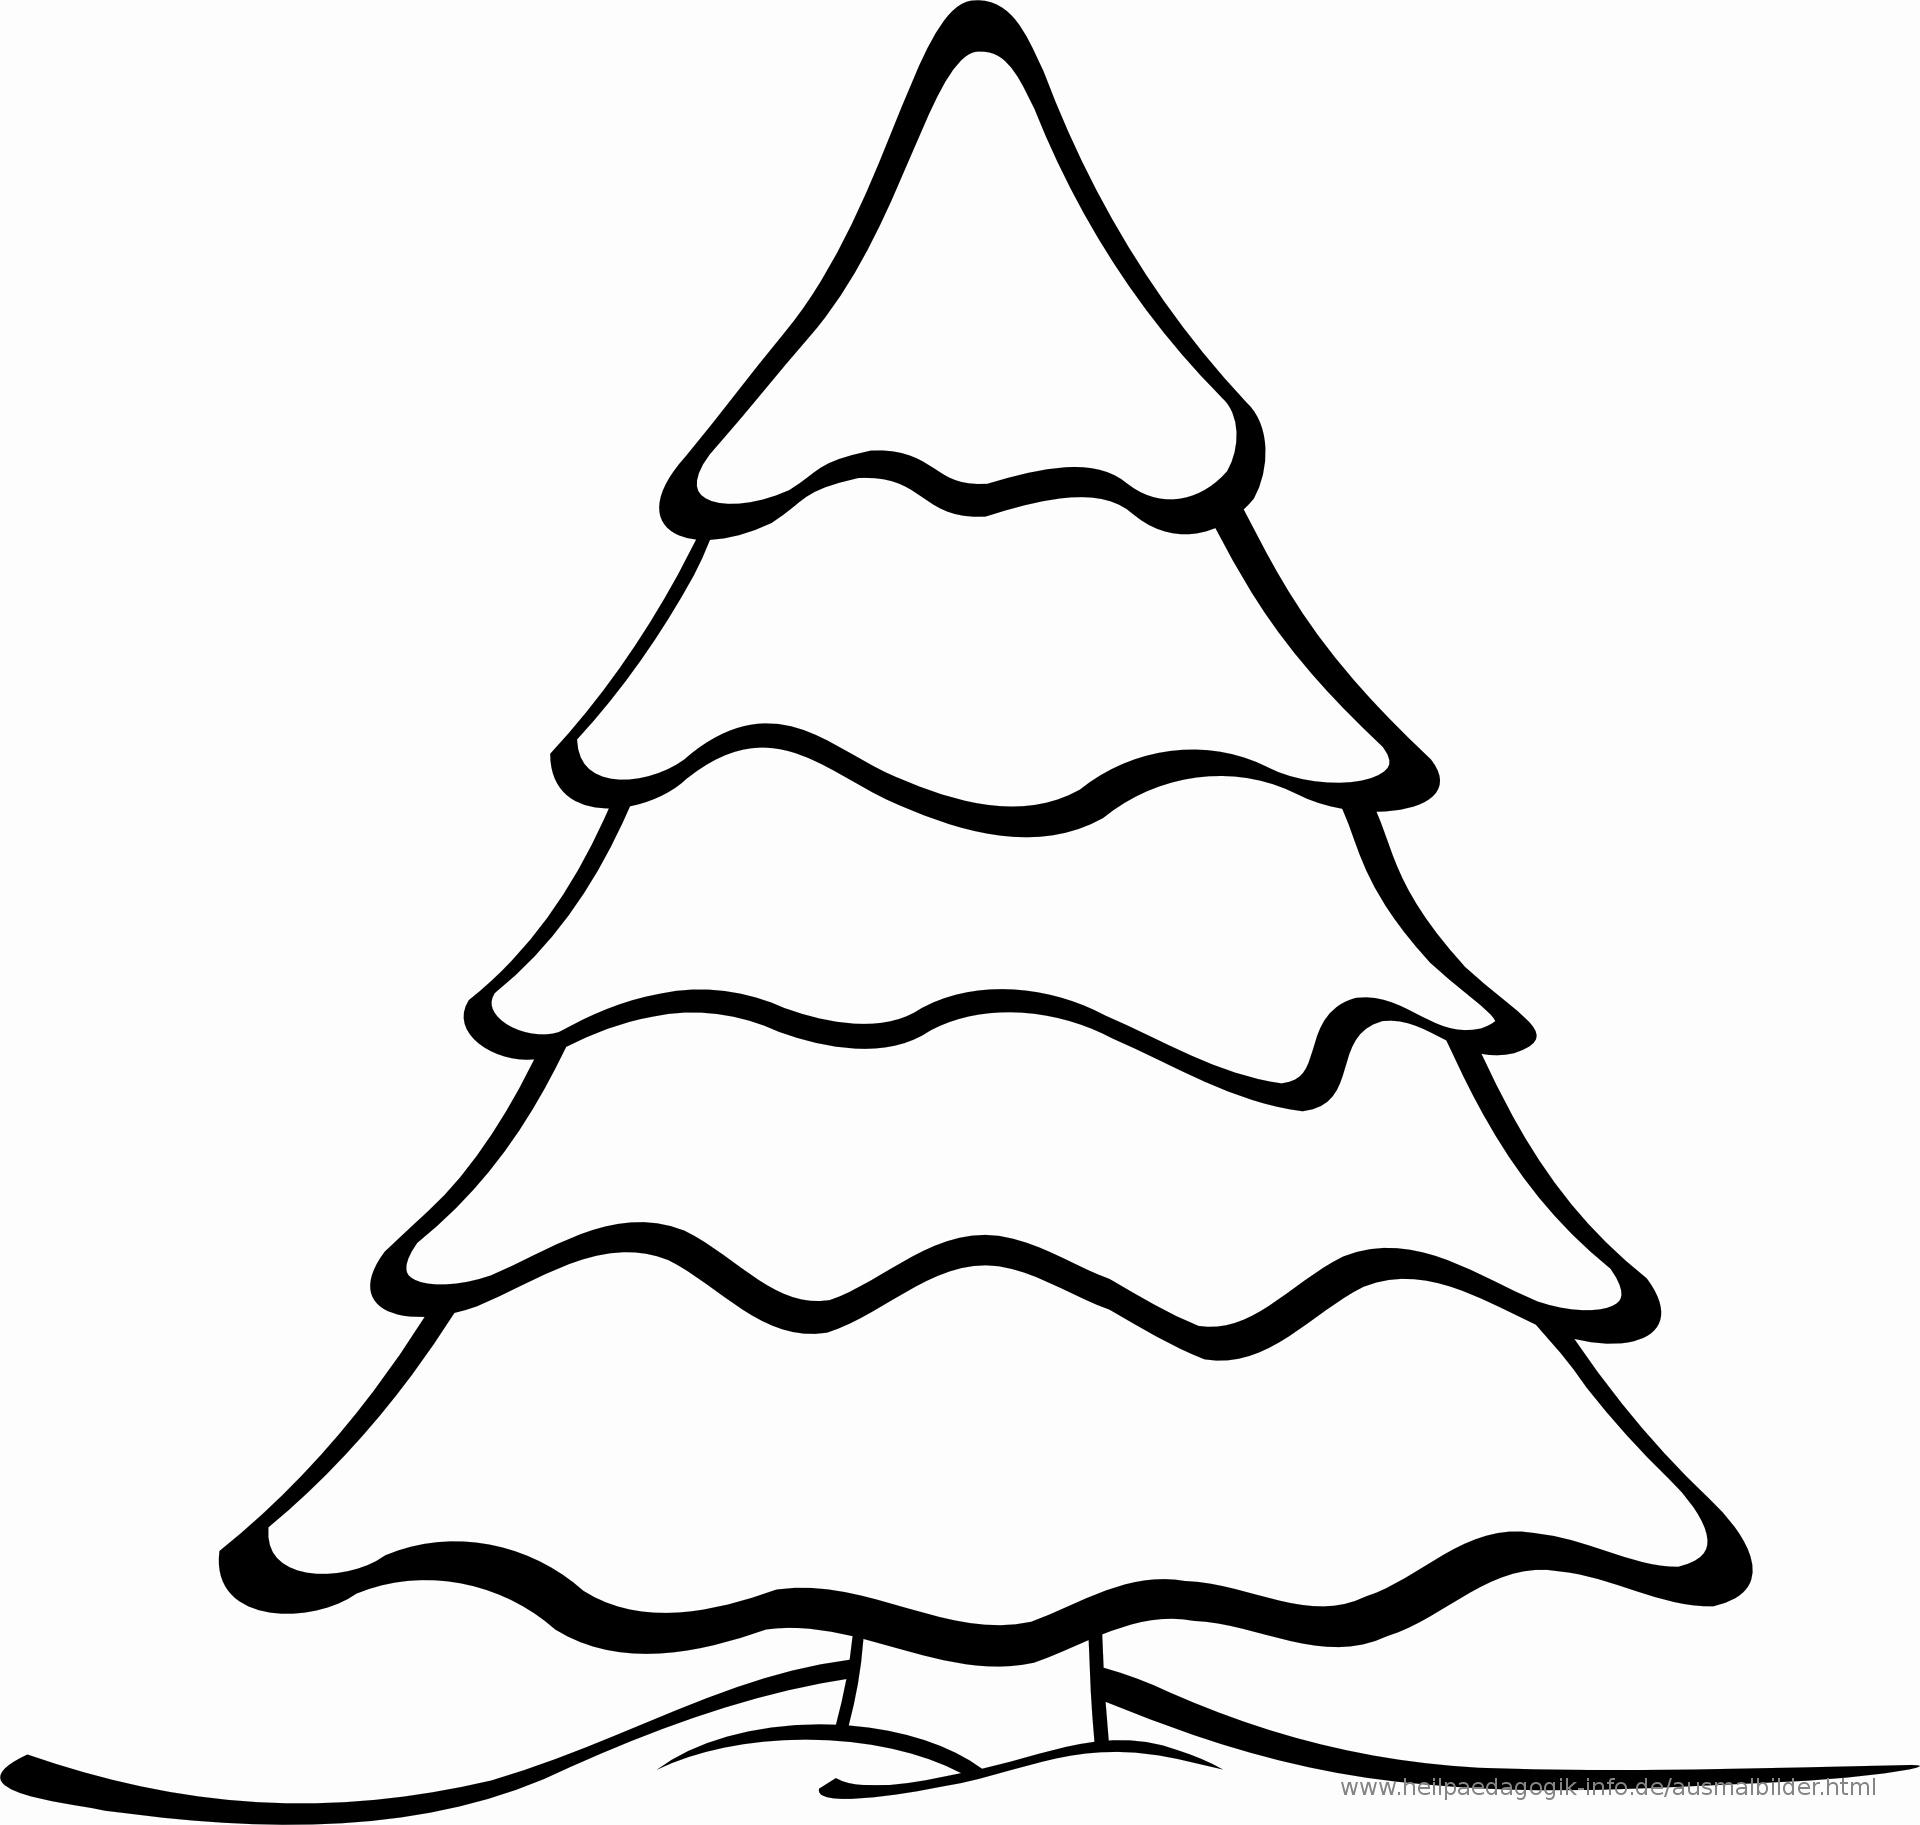 Malvorlagen Tannenbaum Ausdrucken Elegant Ausmalbilder bestimmt für Tannenbaum Vorlage Zum Ausdrucken